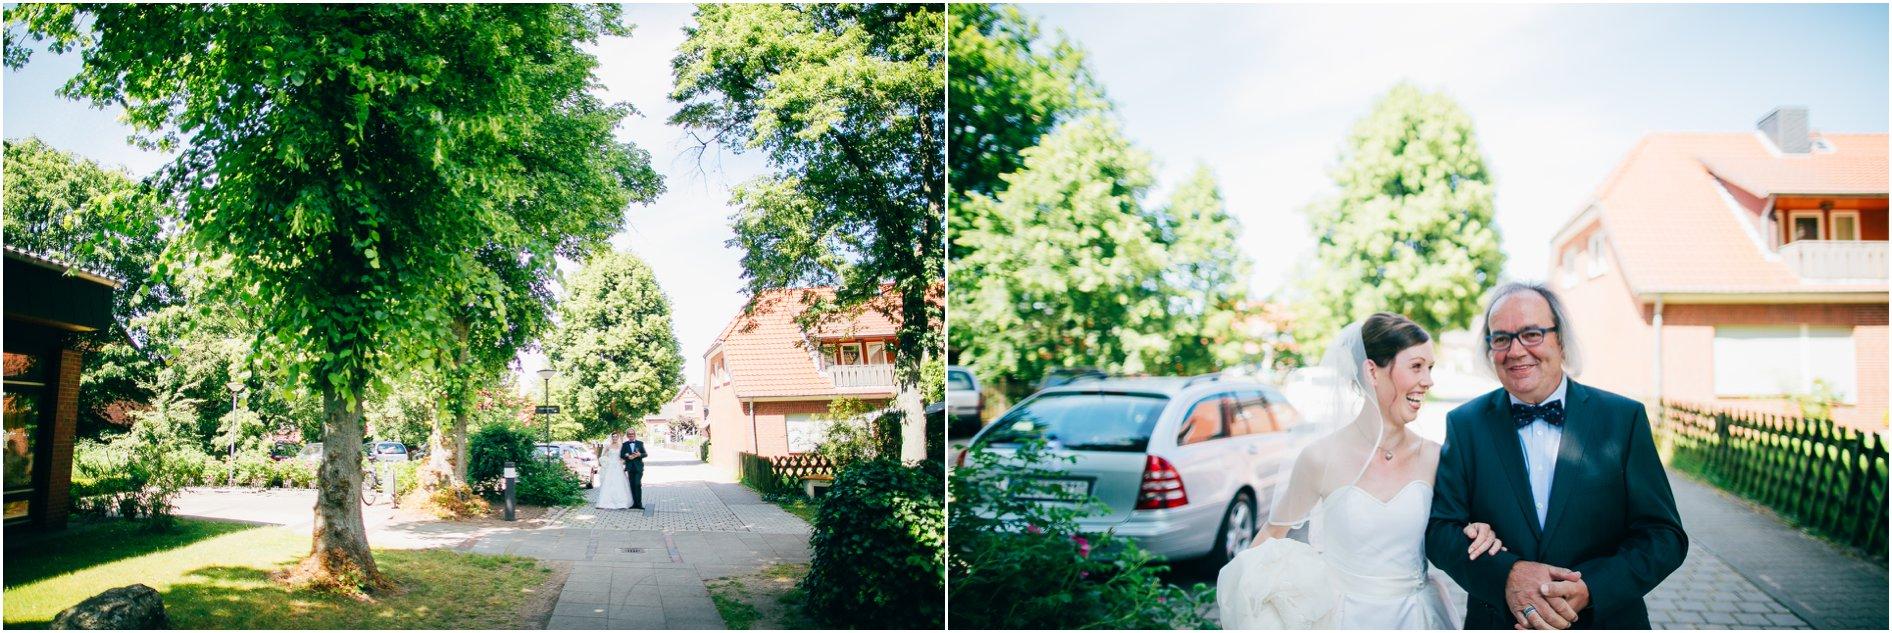 2014-08-07_0036 Wiebke und Marcio - Hochzeitsfotograf in Lüneburg